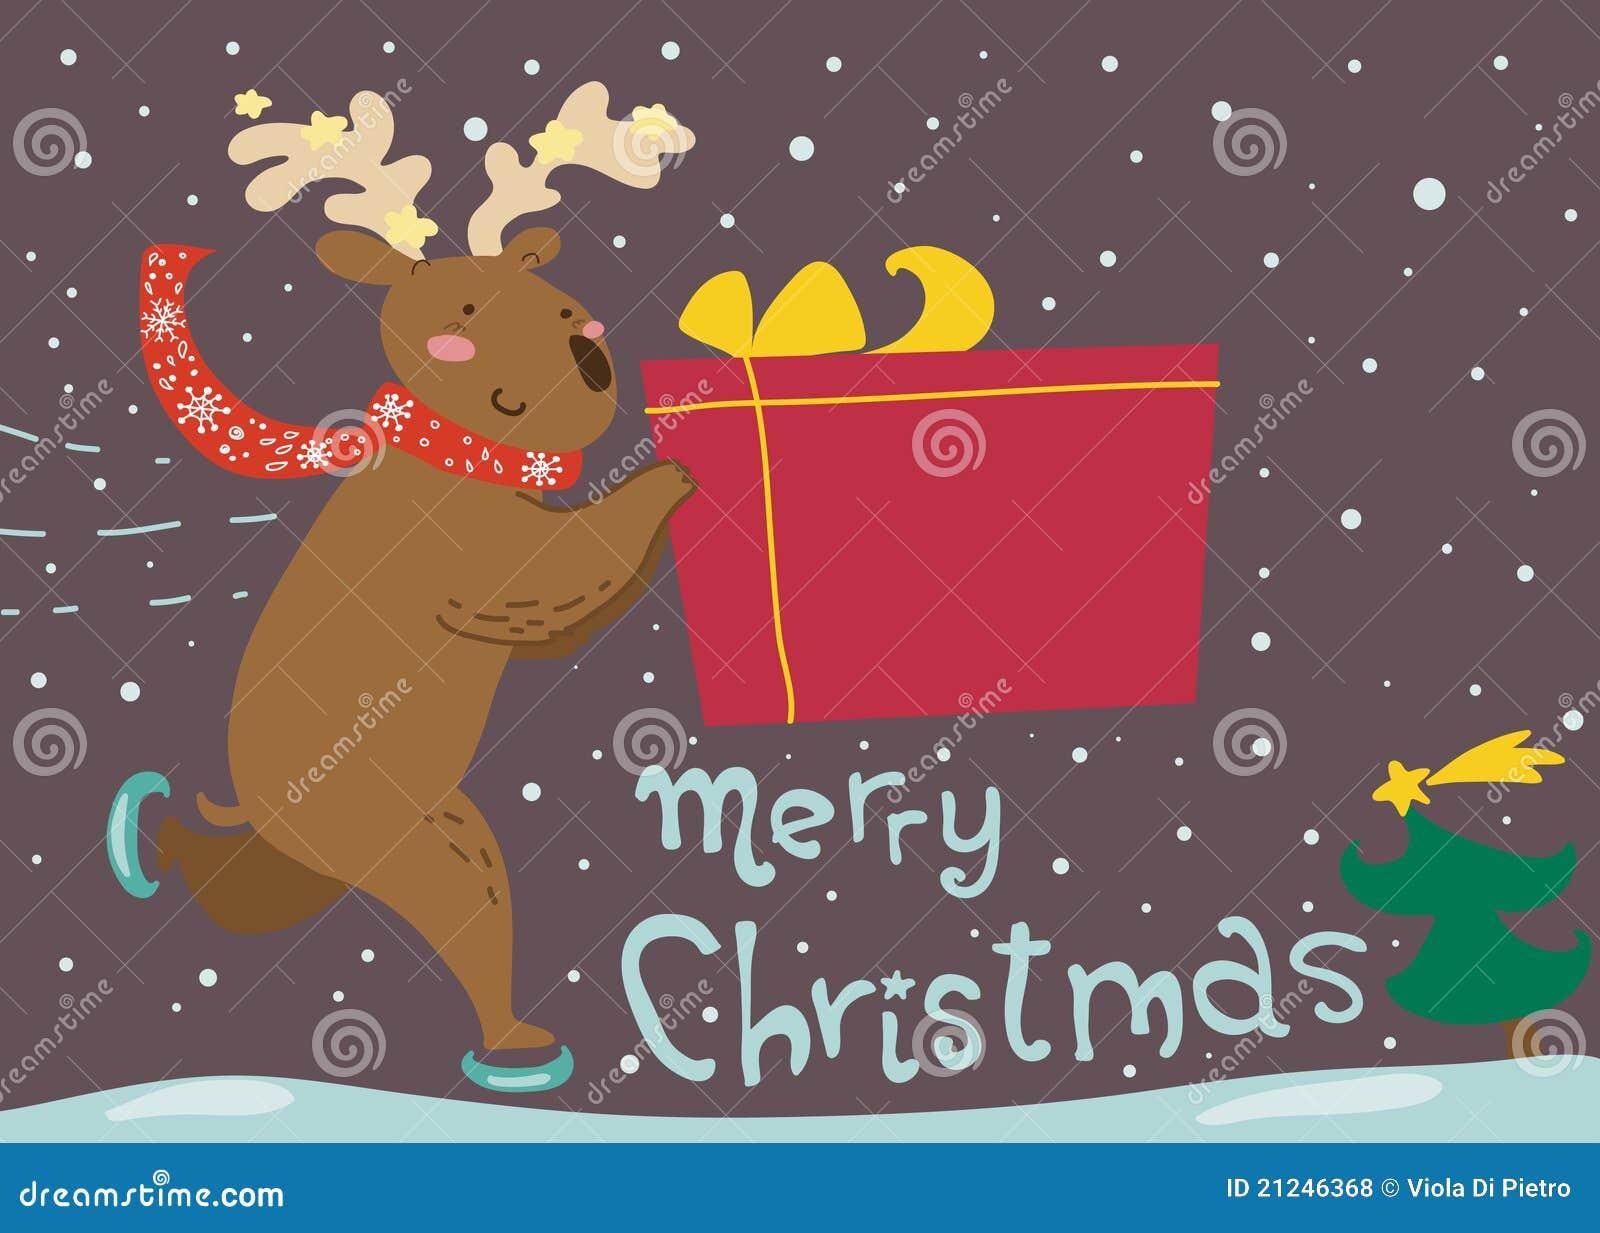 Felicitaciones De Navidad Divertidad.Tarjeta De Felicitaciones Patinadora Divertida De La Navidad